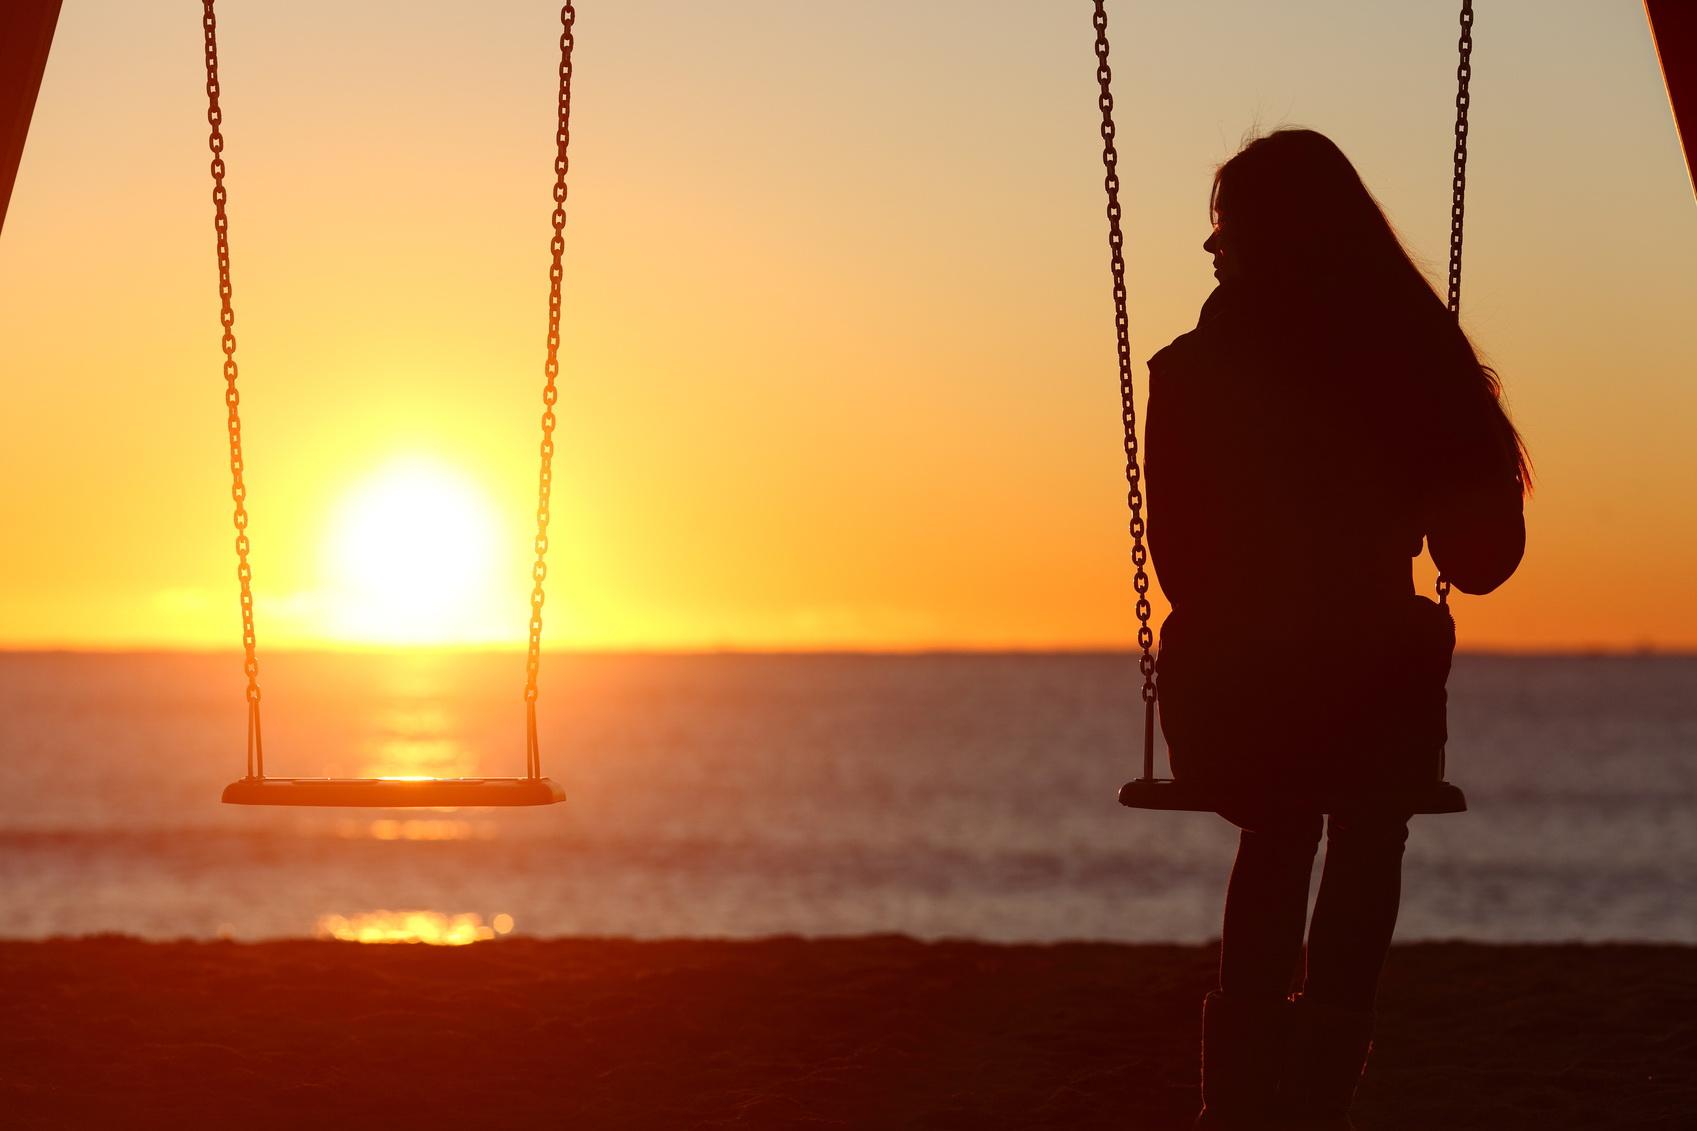 Фото символизирующее одиночество